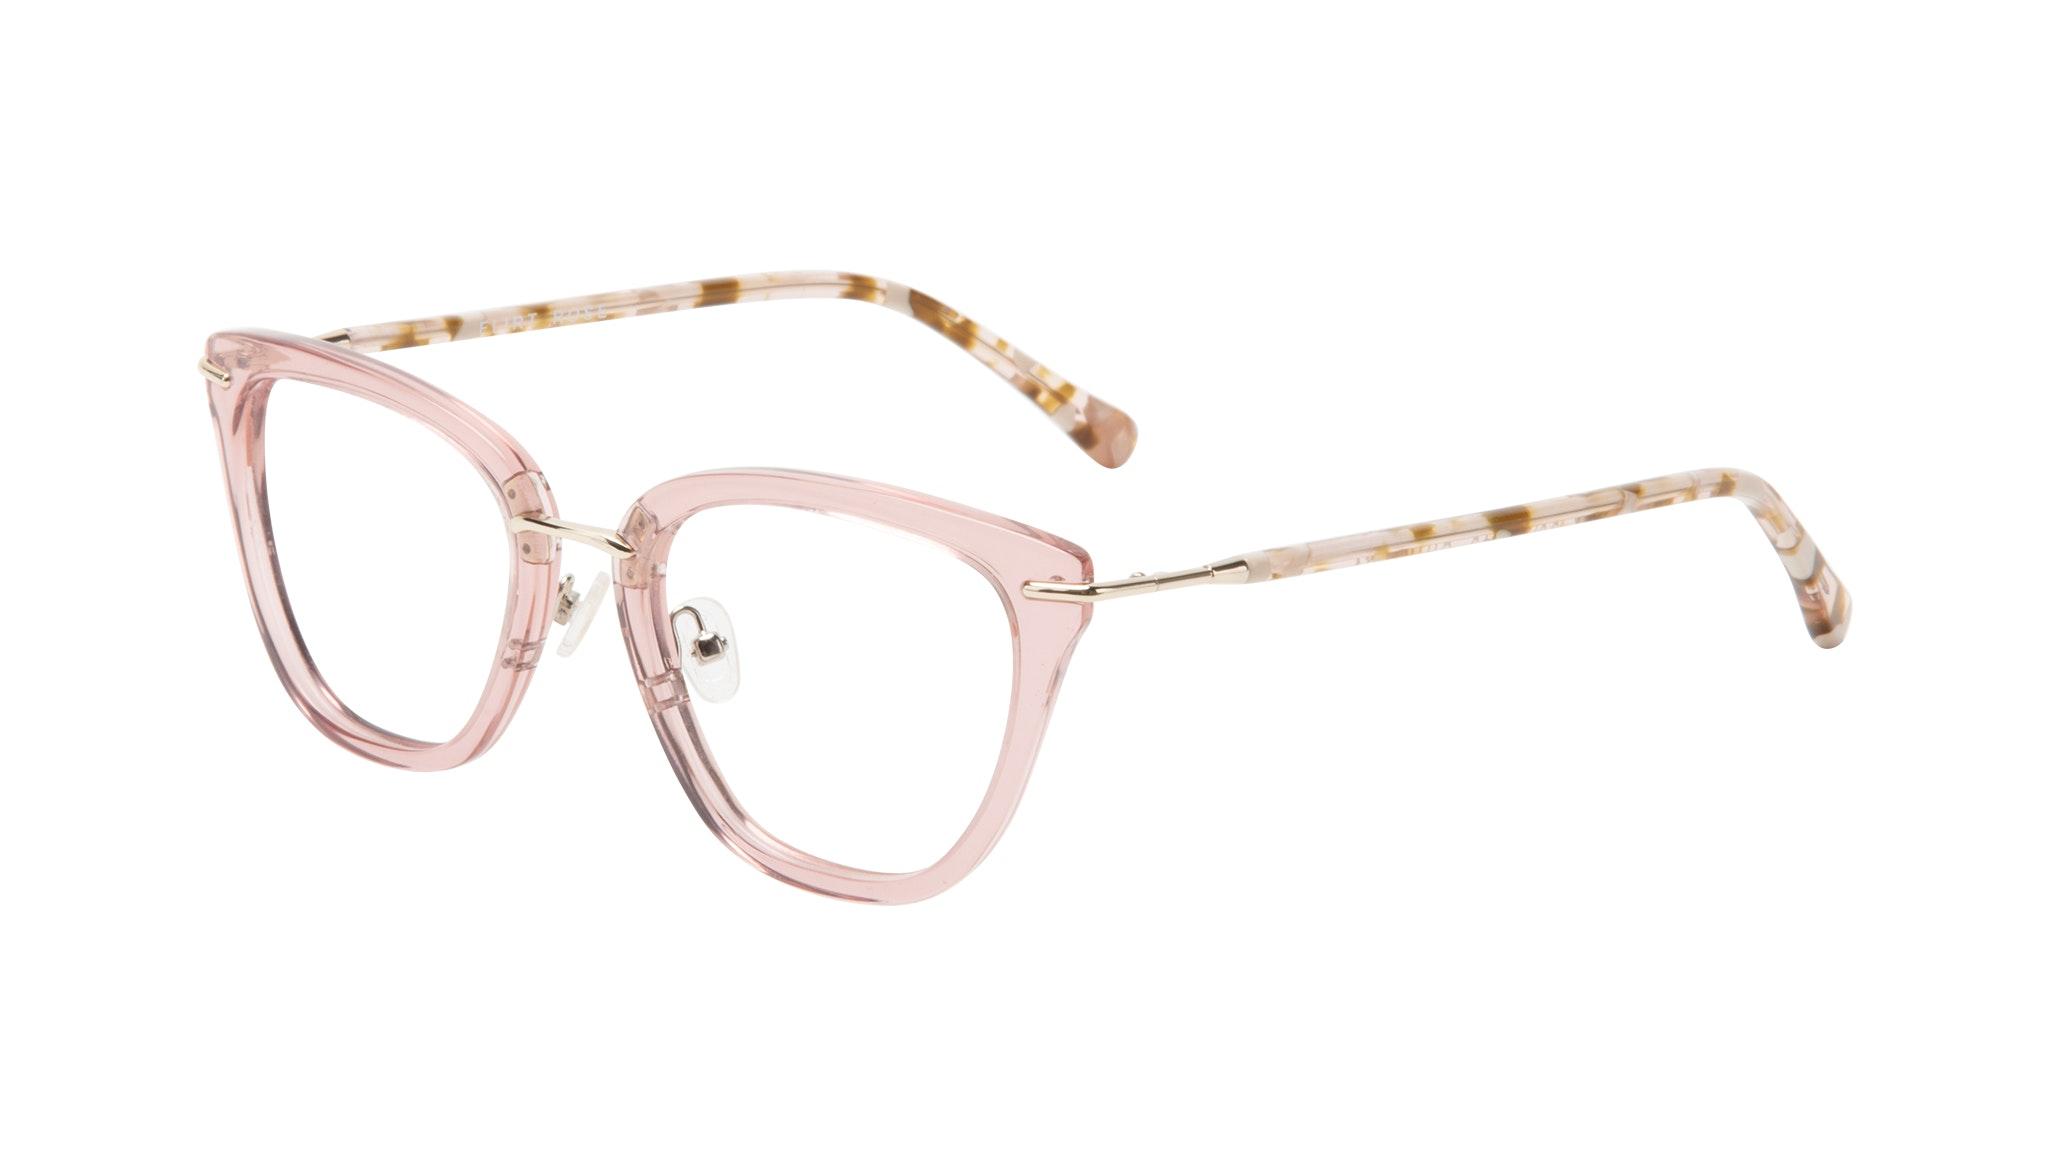 Affordable Fashion Glasses Square Eyeglasses Women Flirt Rose Tilt